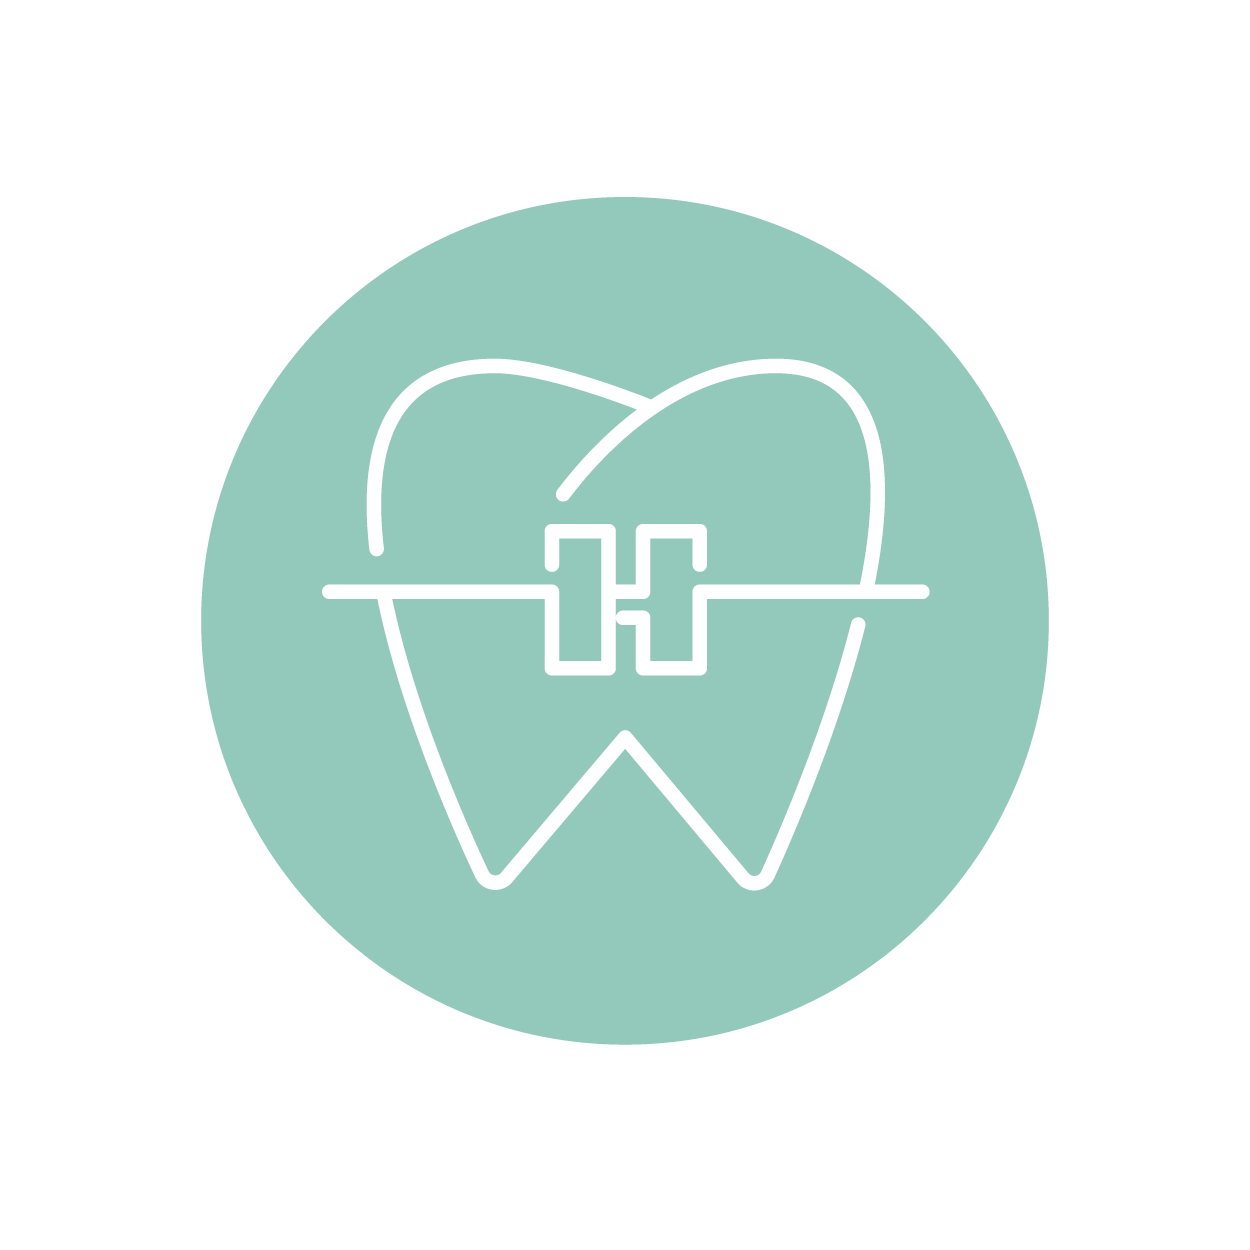 Therapiemöglichkeiten bei Jugendlichen - Erste PhaseZu Beginn der Zahnkorrektur arbeiten wir oft mit einer herausnehmbaren losen Zahnspange, die unsere Patienten nachts und einige Stunden am Tag tragen sollen. Wir haben eine große Auswahl an Farben und Designs für die Zahnspangen, die sich die Kinder und Jugendlichen bei uns immer gerne selbst auswählen und erfahrungsgemäß dann auch lieber tragen. Die Spangen werden in unserem hauseigenen Zahntechniklabor in der Praxis gefertigt.–Zweite Phase Nach der losen Zahnspange erfolgt normalerweise die Behandlung mit der festen Zahnspange. Grundsätzlich empfehlen wir auch bei Jugendlichen die Lingualtechnik, also die fast unsichtbare, innen liegende Zahnspange. Mehr dazu erfahren Sie hier. →Als Alternative arbeiten wir bei der Spange von außen mit einem selbstligierenden System, bei dem superelastische Drähte mit geringen Kräften die Zähne schonend über einen längeren Zeitraum bewegen.–Langfristige NachsorgeNach dem Entfernen der festen Zahnspange muss die Zahstellung stabilisiert werden. Hierfür fertigen wir einen Retainer an, eine lose Spange, die nachts getragen werden muss. Dünne, individuell gebogene Drähtchen, die auf der Innenseite der Frontzähne befestigt werden, erleichtern die Retention. Sie sind von außen völlig unsichtbar und ermöglichen eine dauerhafte Stabilisierung des Behandlungsergebnisses. Sie stören weder beim Sprechen noch beim Essen.